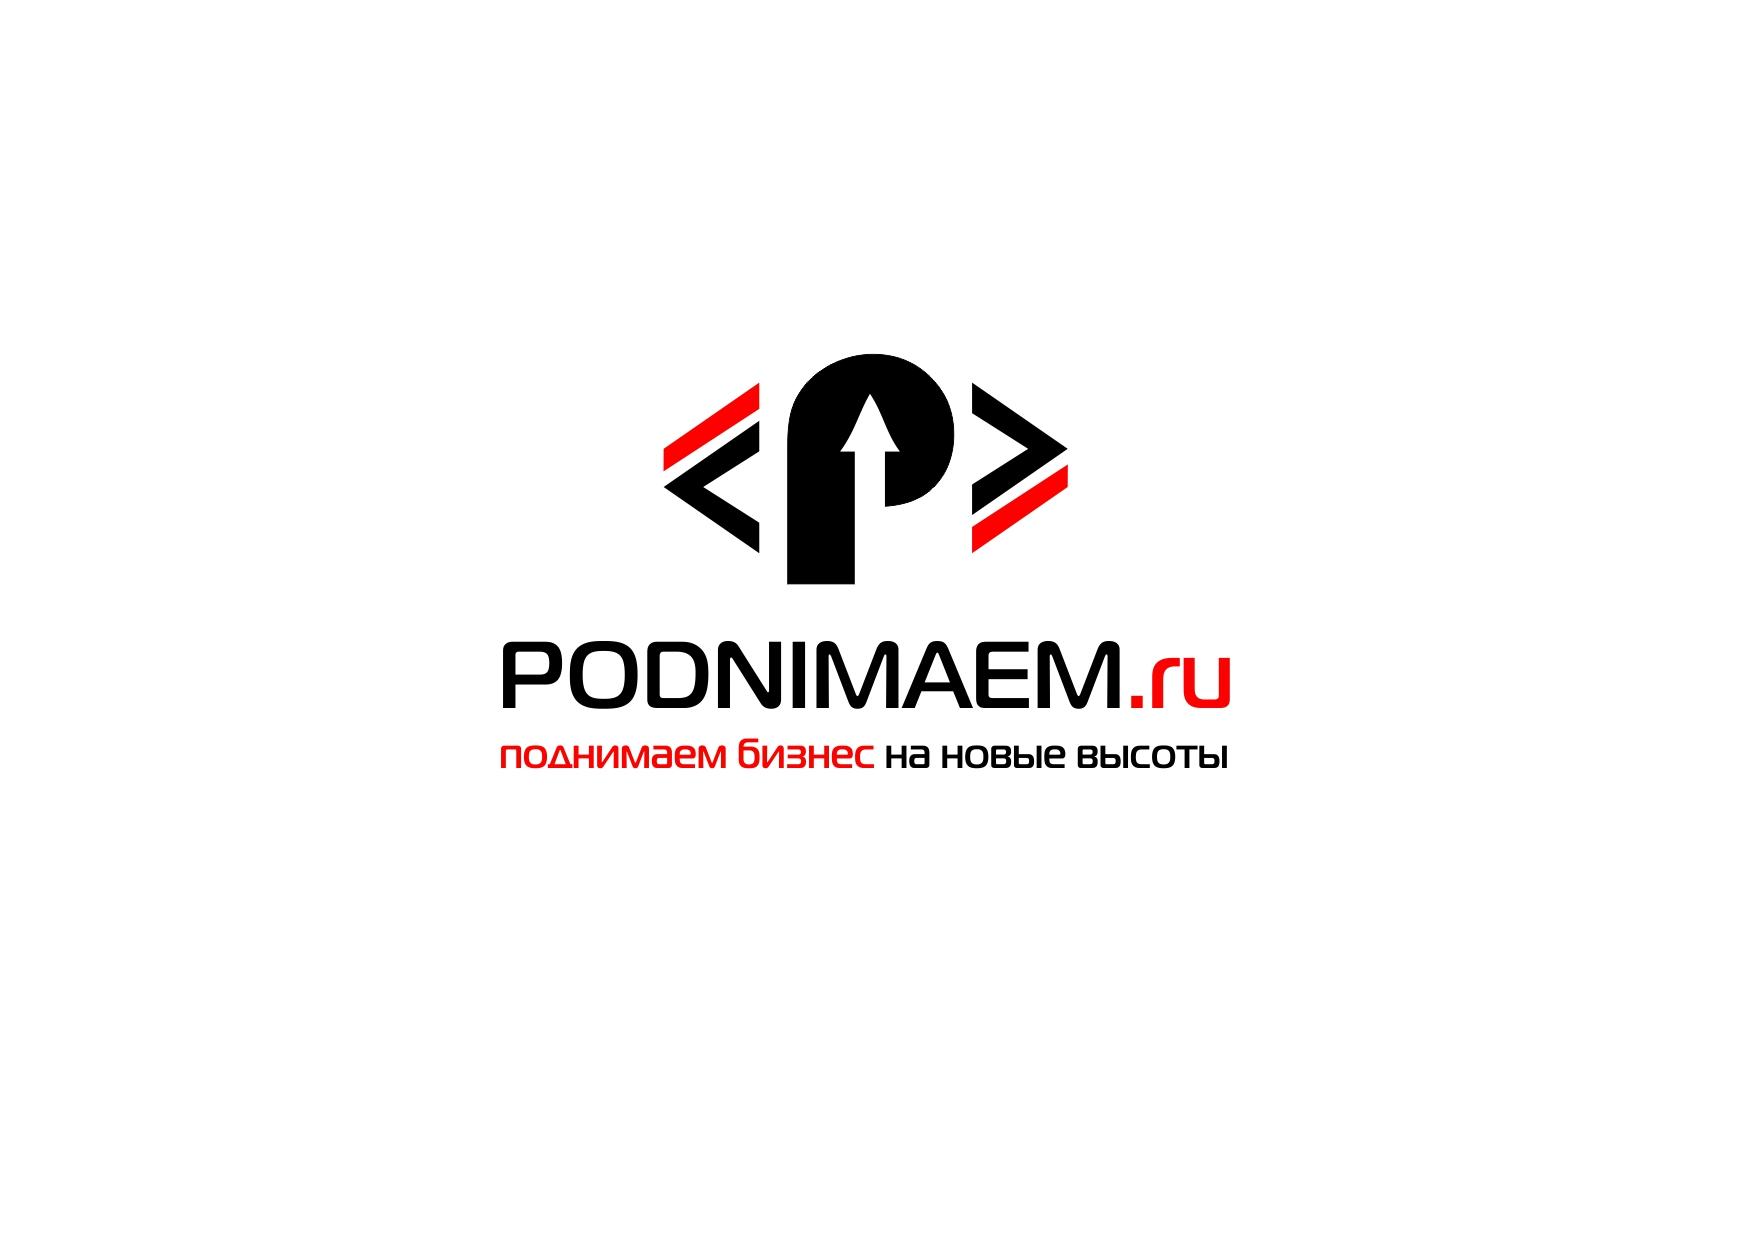 Разработать логотип + визитку + логотип для печати ООО +++ фото f_21255476399e14b0.jpg